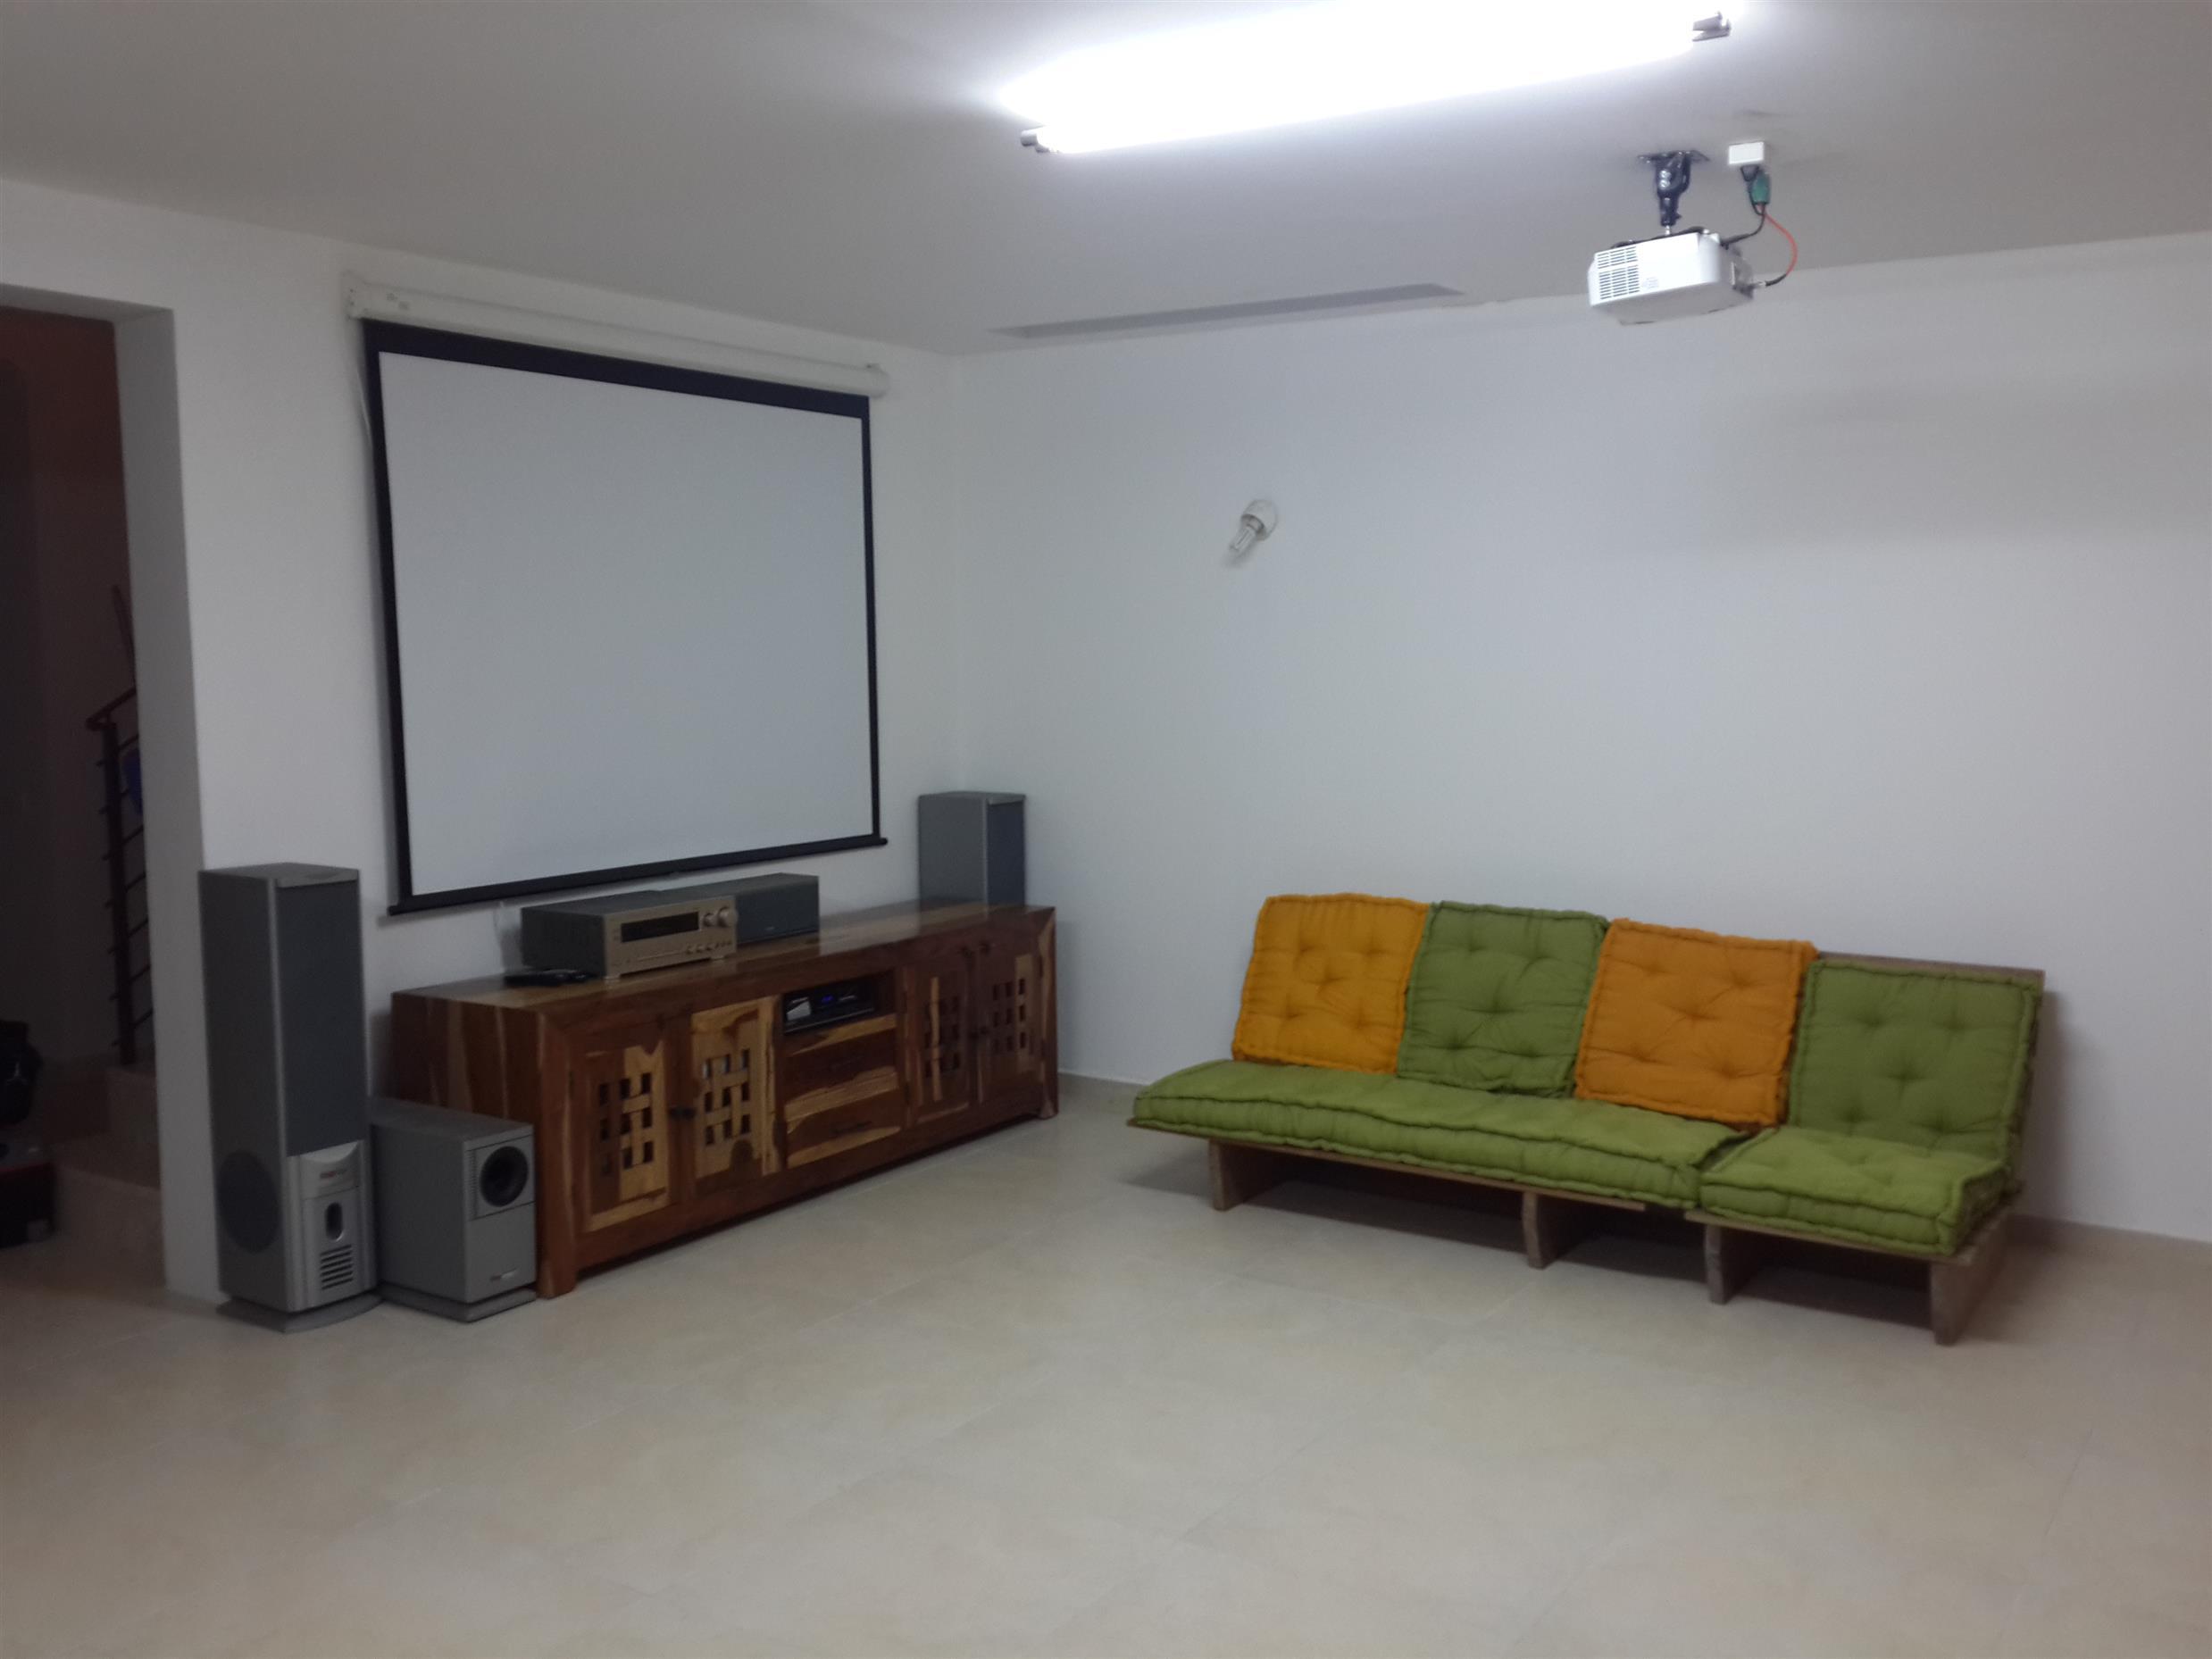 נטו קונטרול - מערכות קולנוע ביתיות